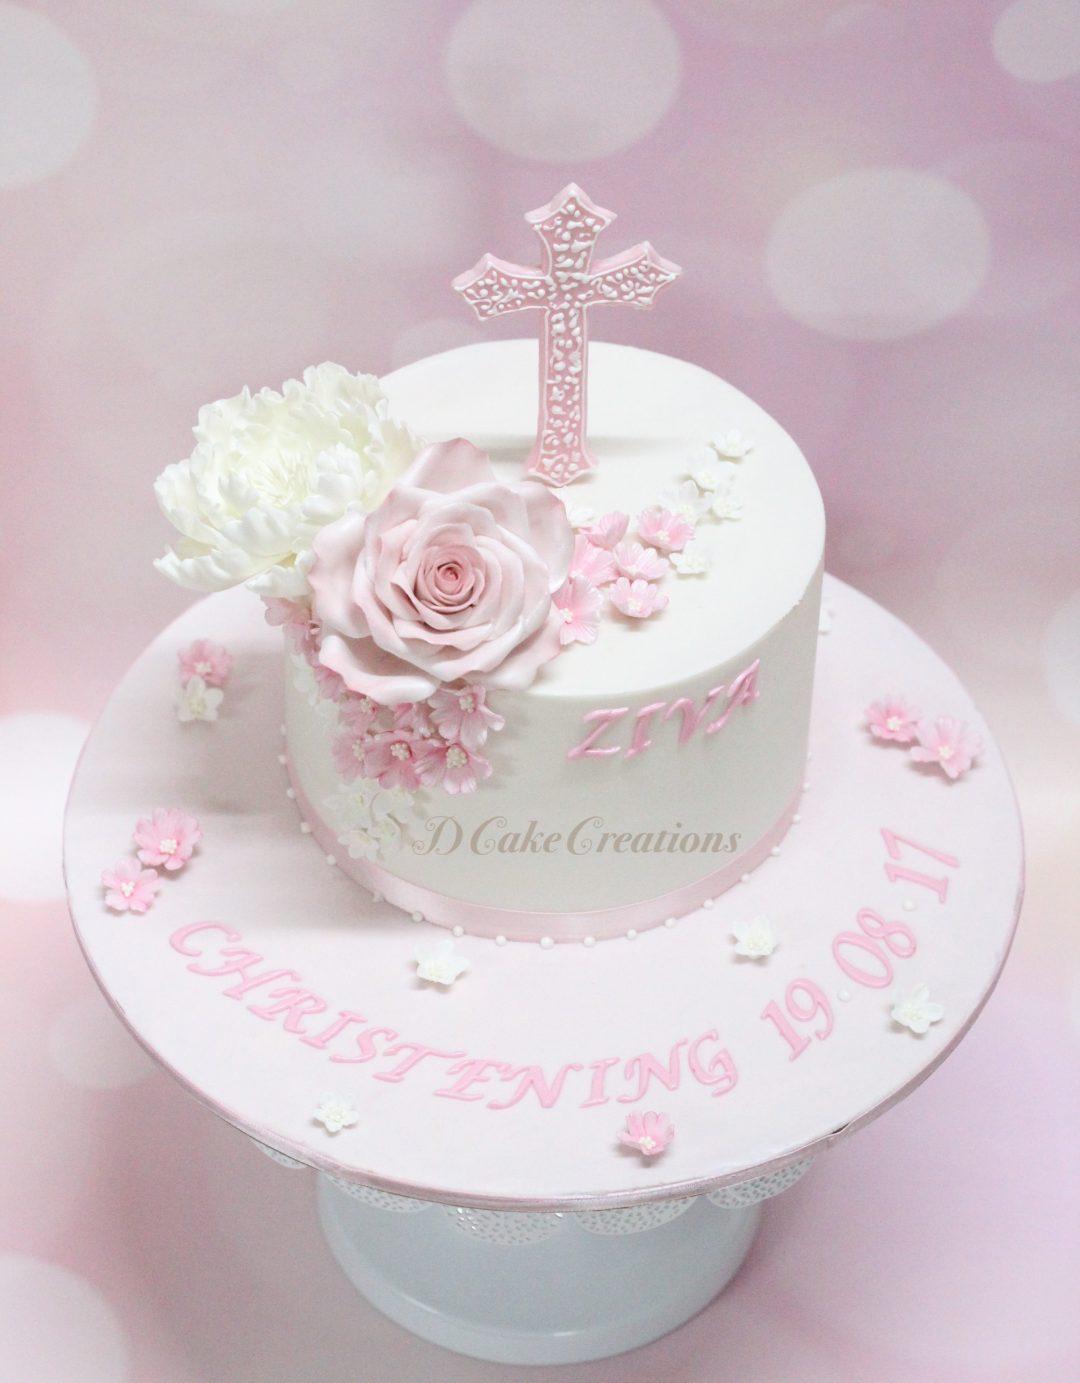 Ziva's Christening Cake